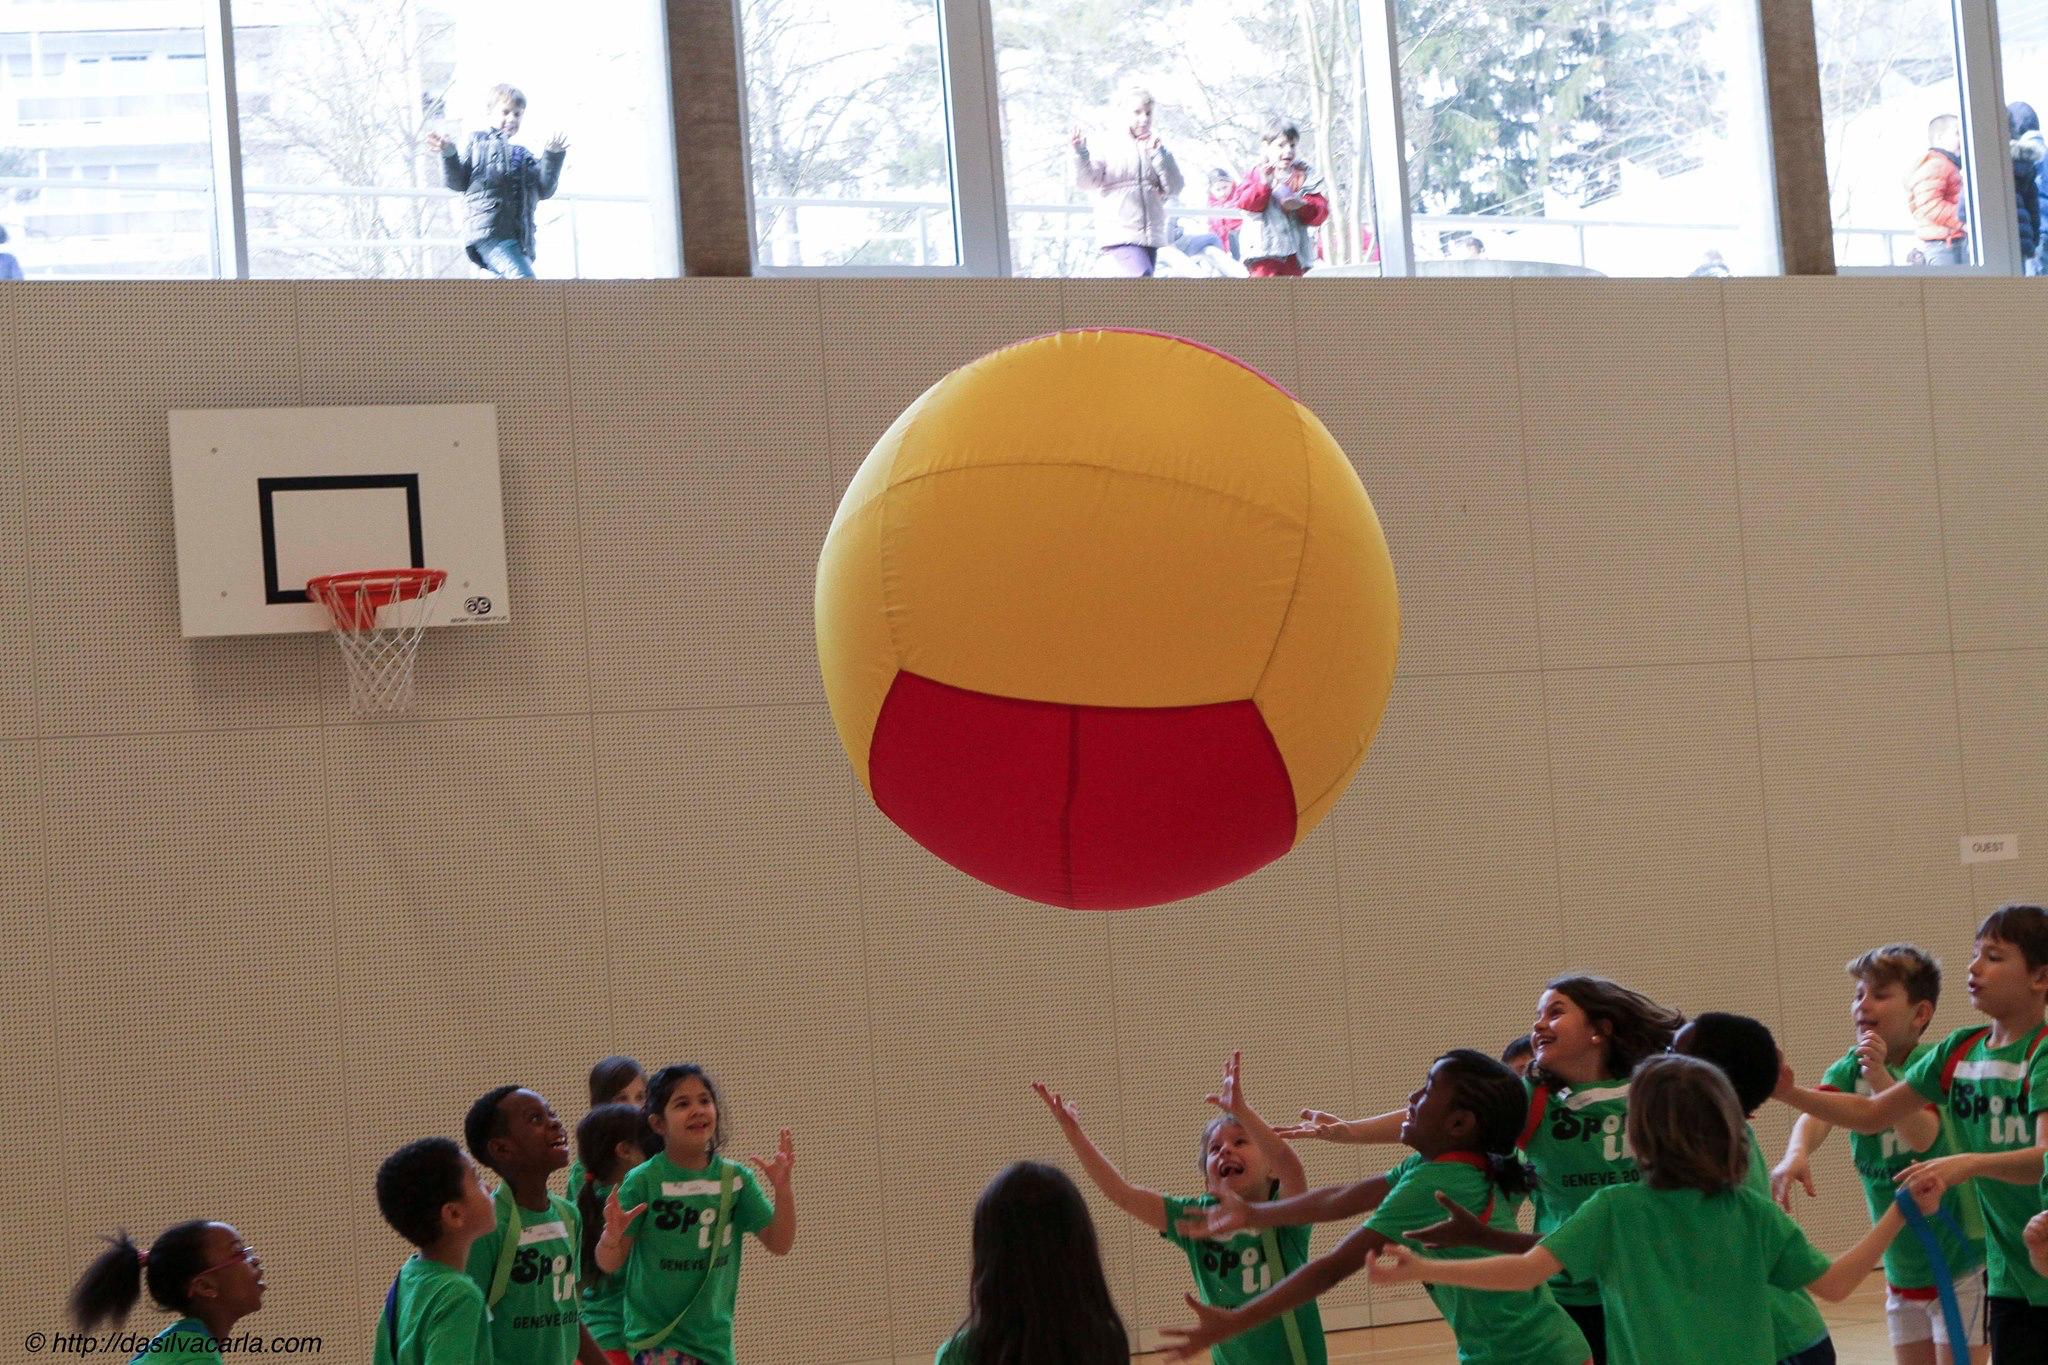 """""""Les différences deviennent invisibles quand tous les enfants sont vêtus de vert et elles laissent place à l'amusement. Photo de Carla da Silva - http://dasilvacarla.com/"""